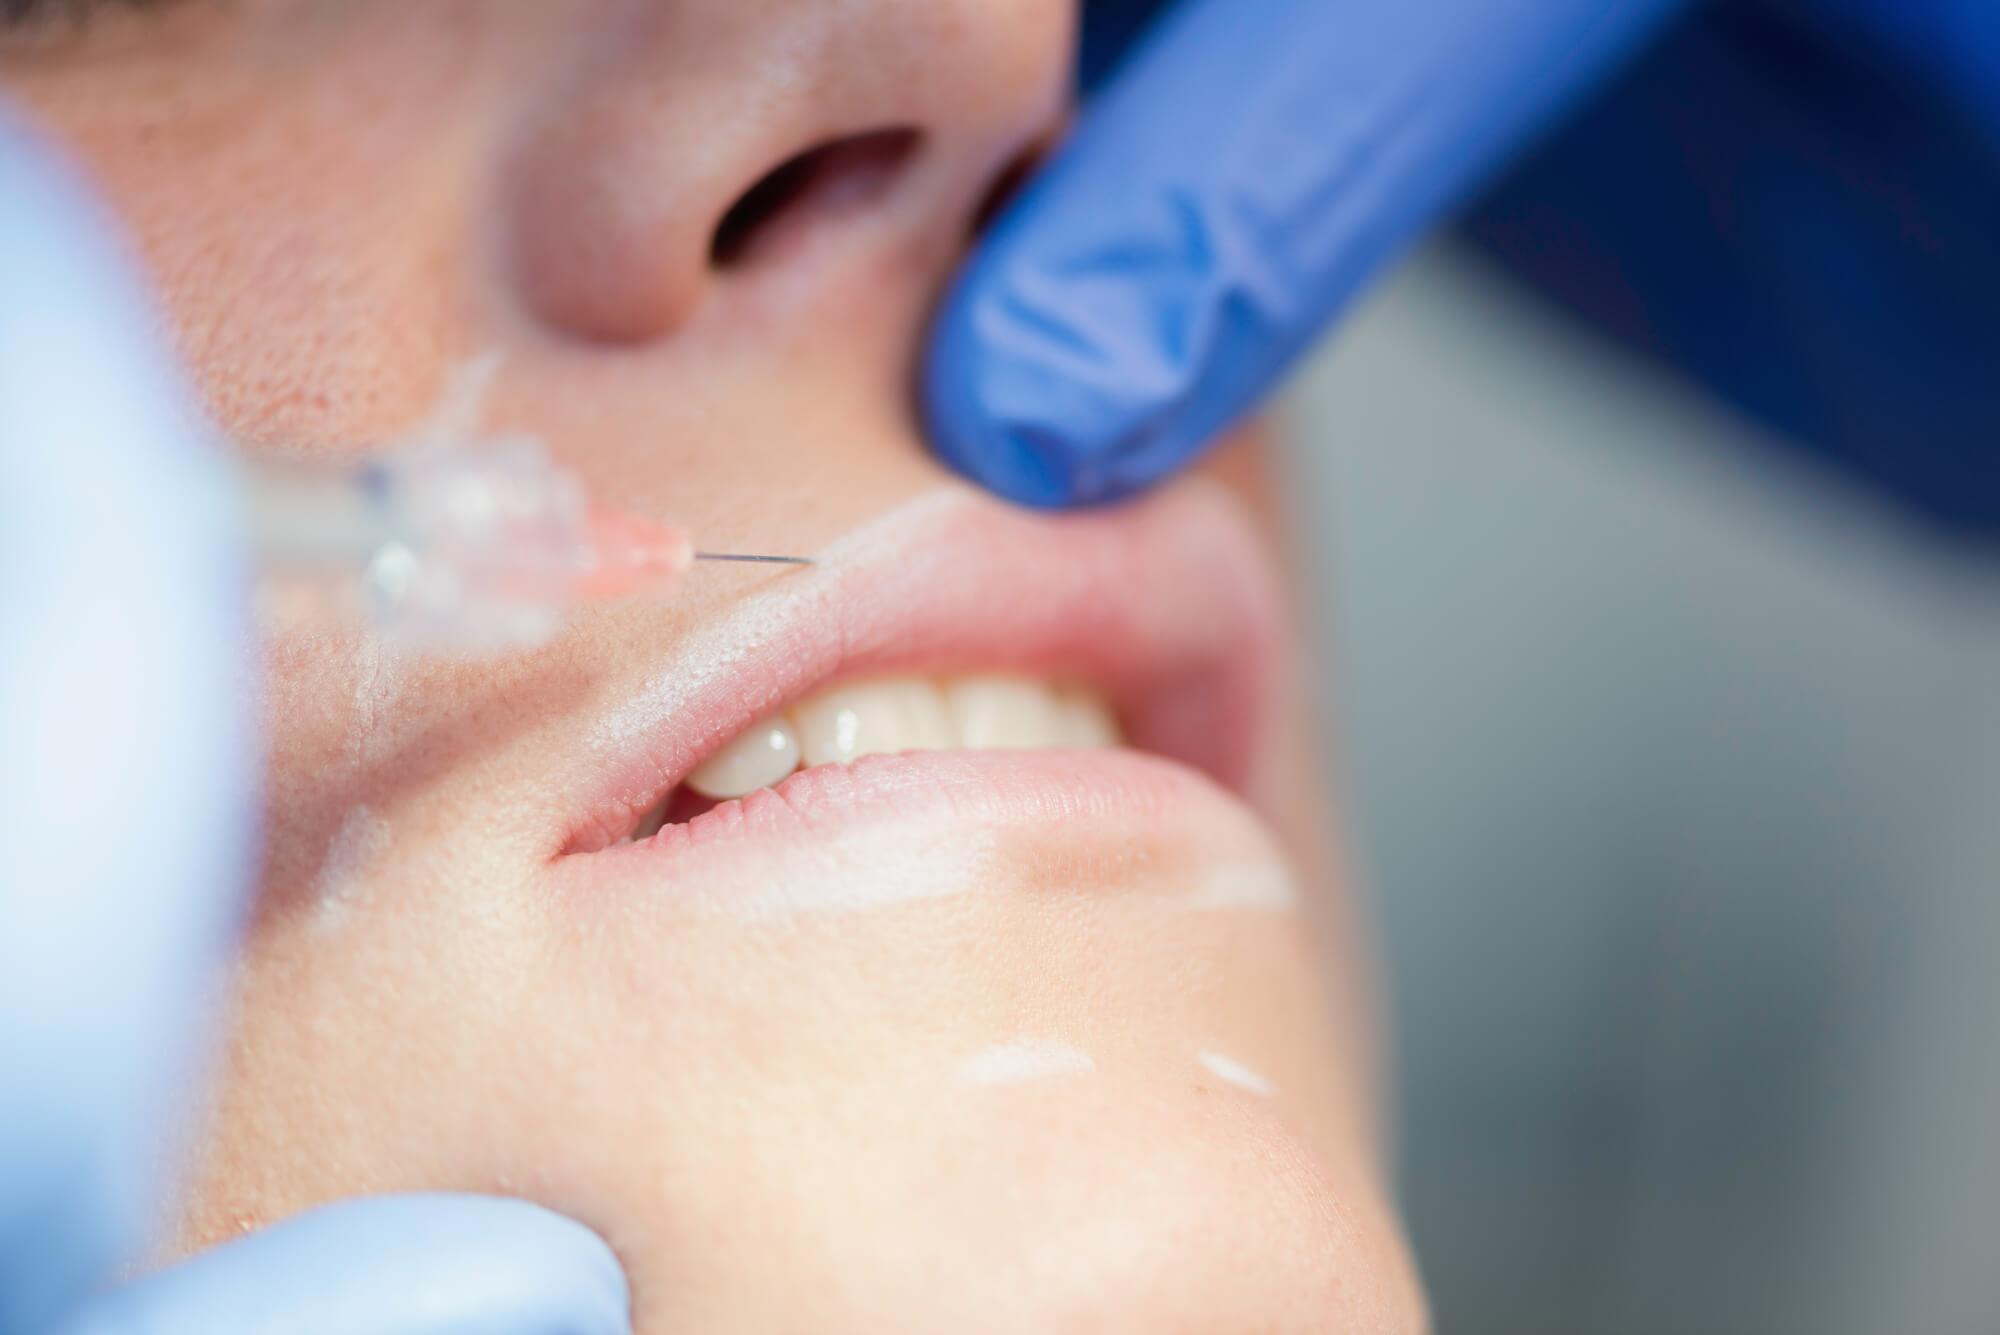 Saiba como é feito o preenchimento labial